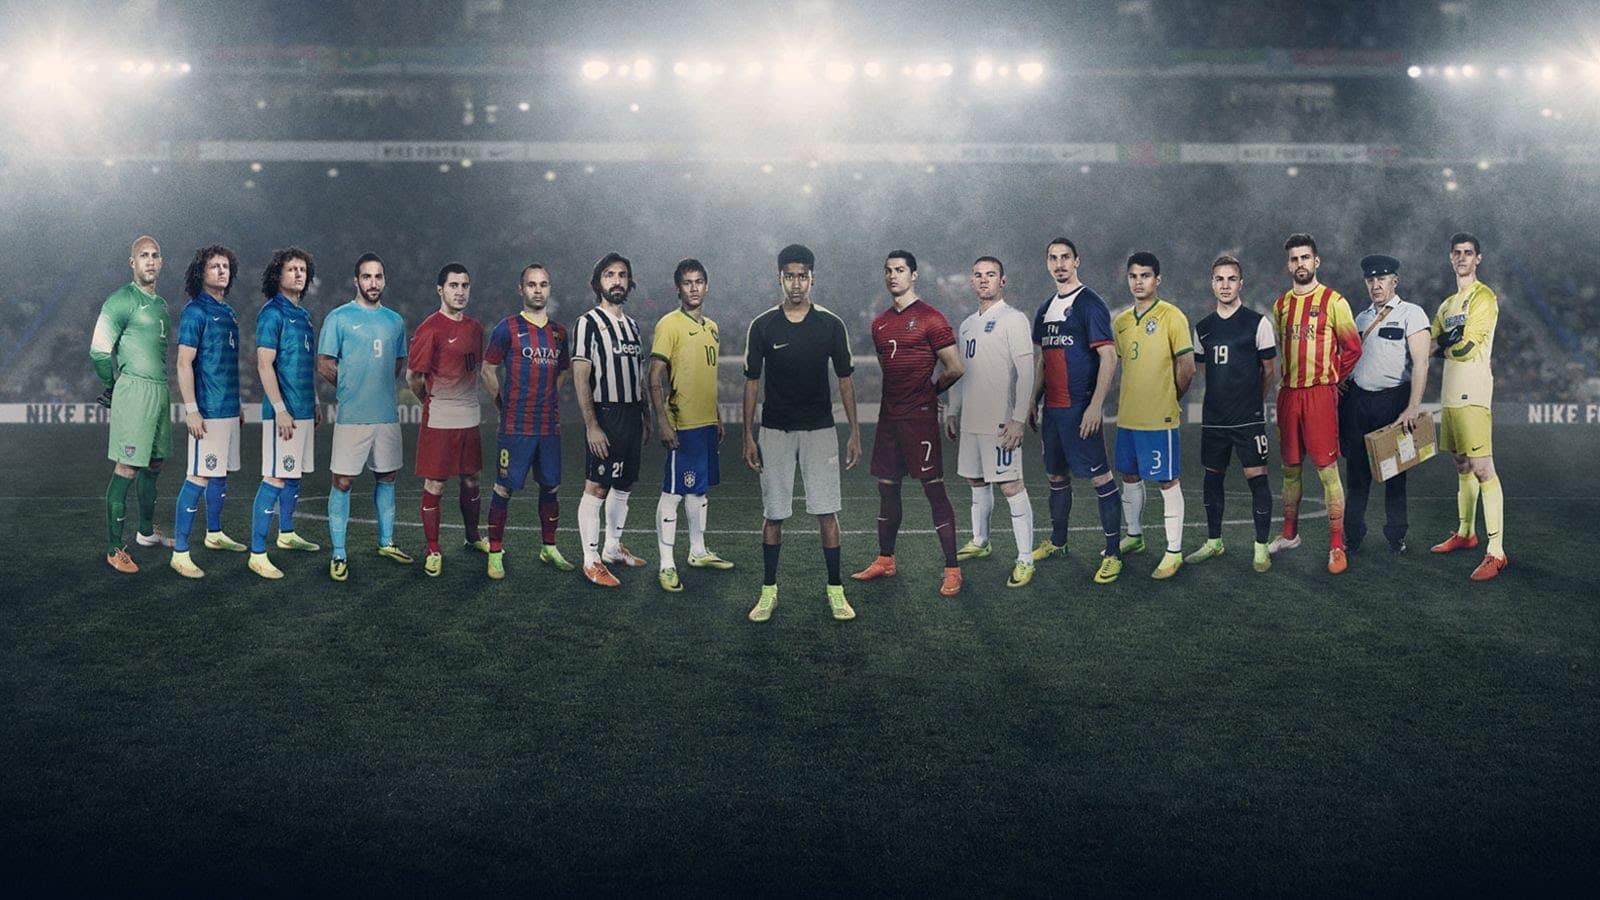 Qué fue de los 24 jugadores que aparecieron en la 'jaula de nike' en. Top 5 Los Mejores Comerciales De Futbol De La Historia